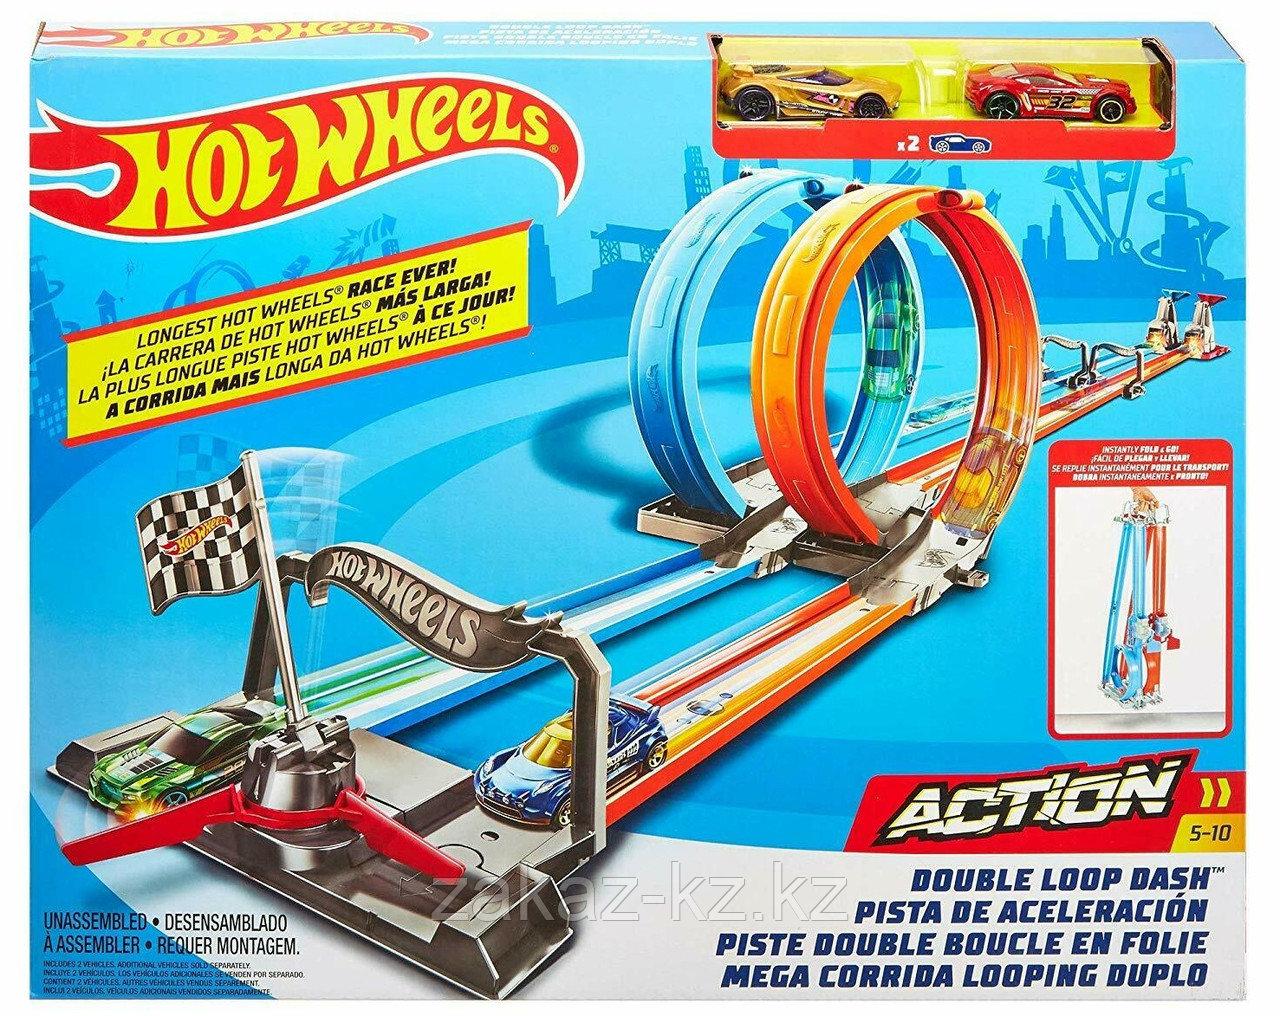 Хот Вилс, Скоростные мертвые петли Hot Wheels